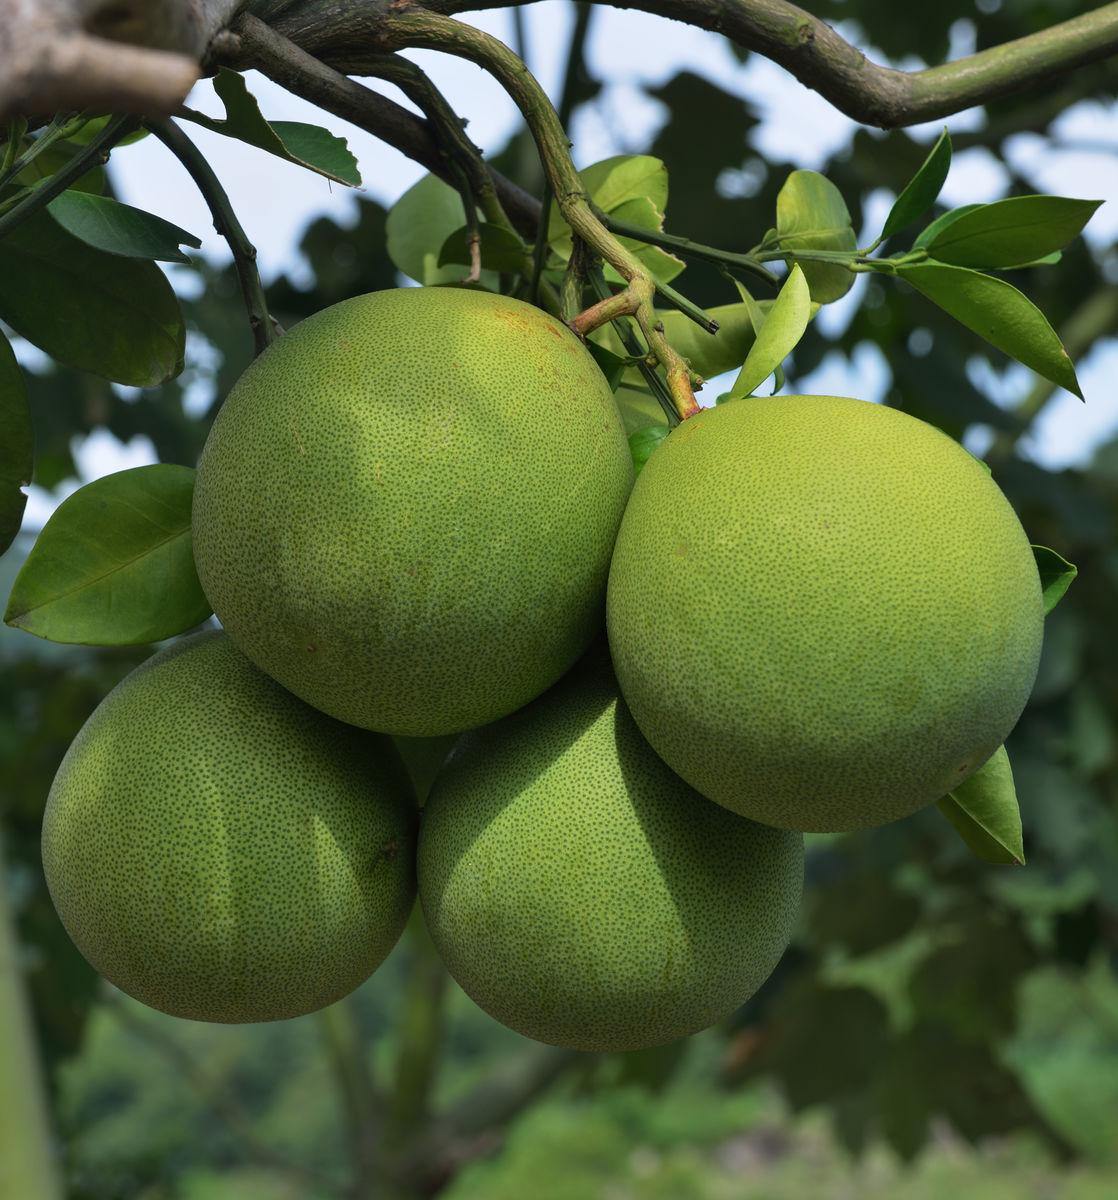 柚 柚子 红心柚图片